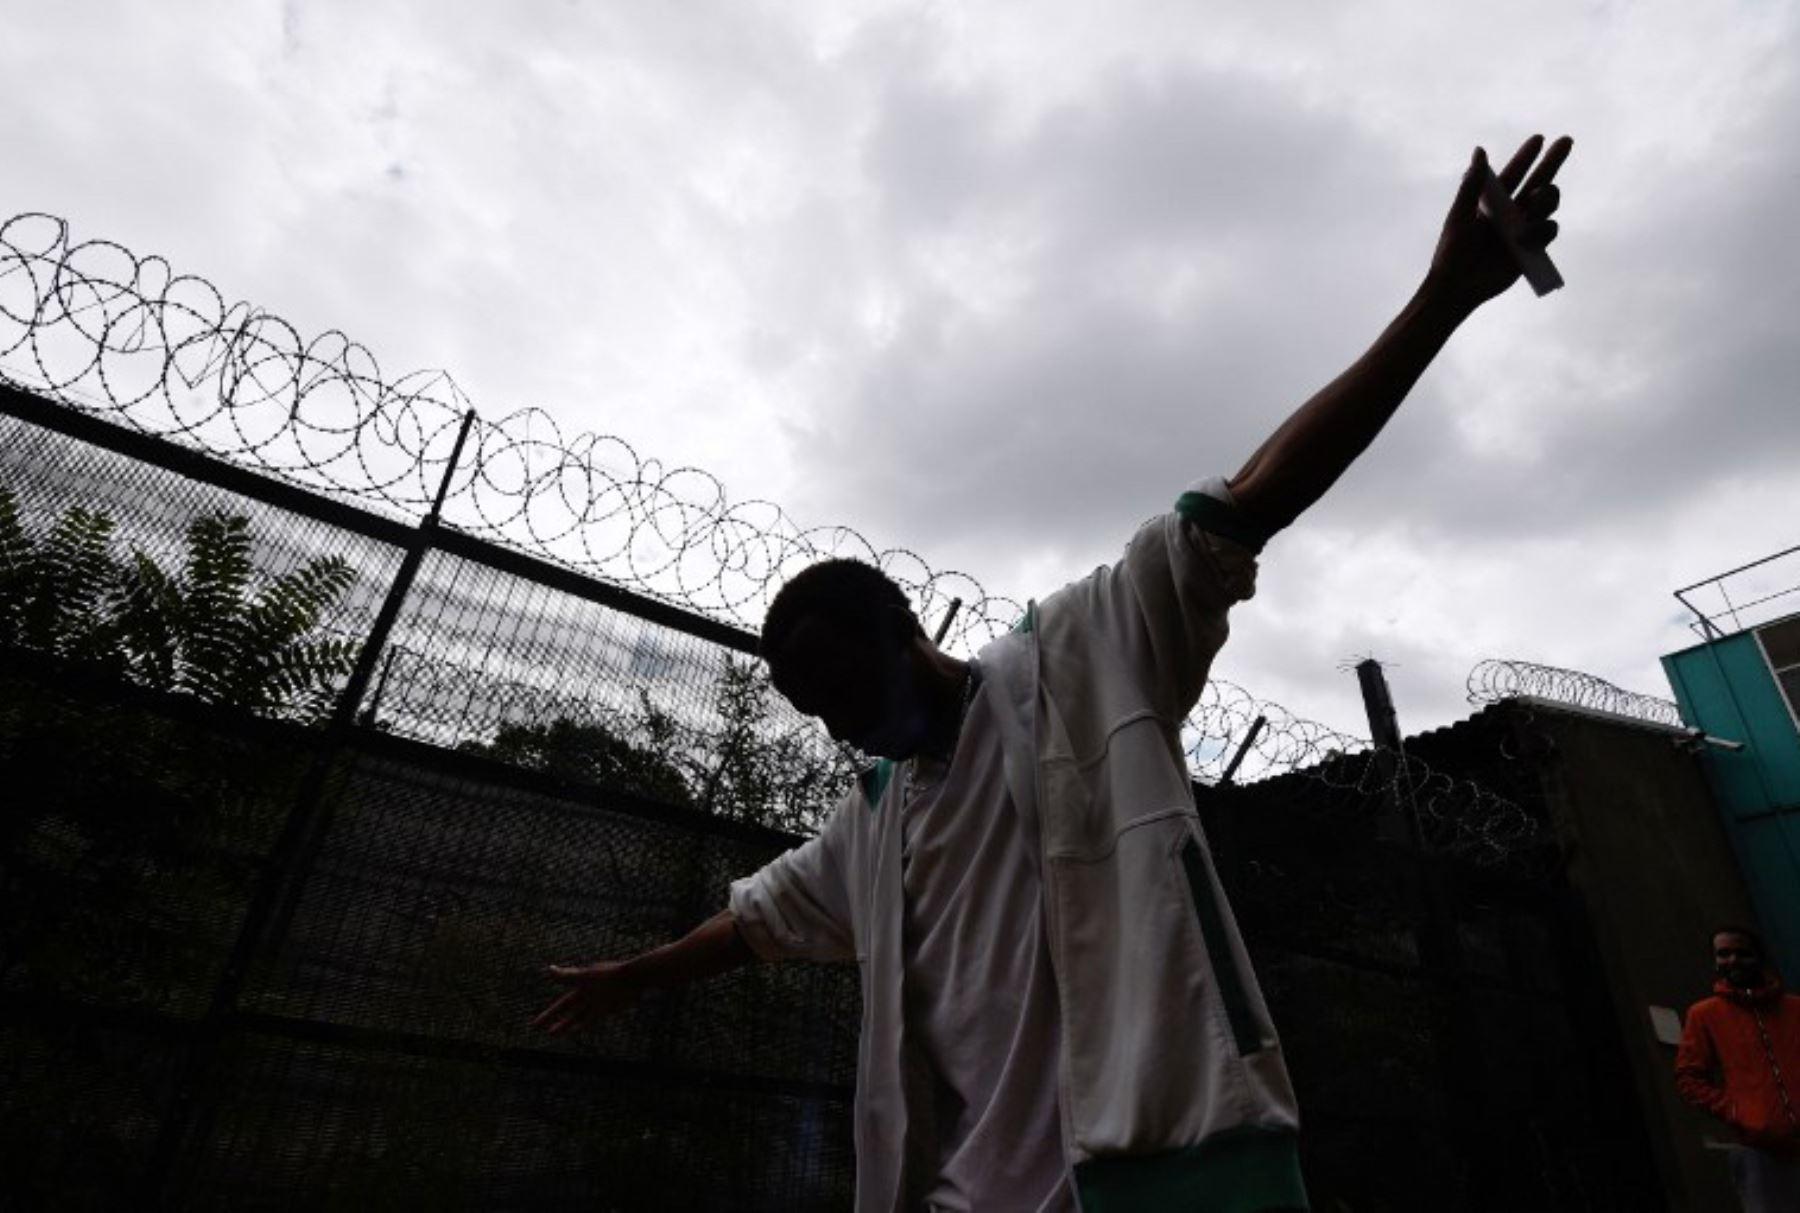 Un hombre levanta los brazos cerca de una cerca de alambre de púas en un centro para los migrantes alojados en un antiguo lugar de detención en París. Foto: AFP